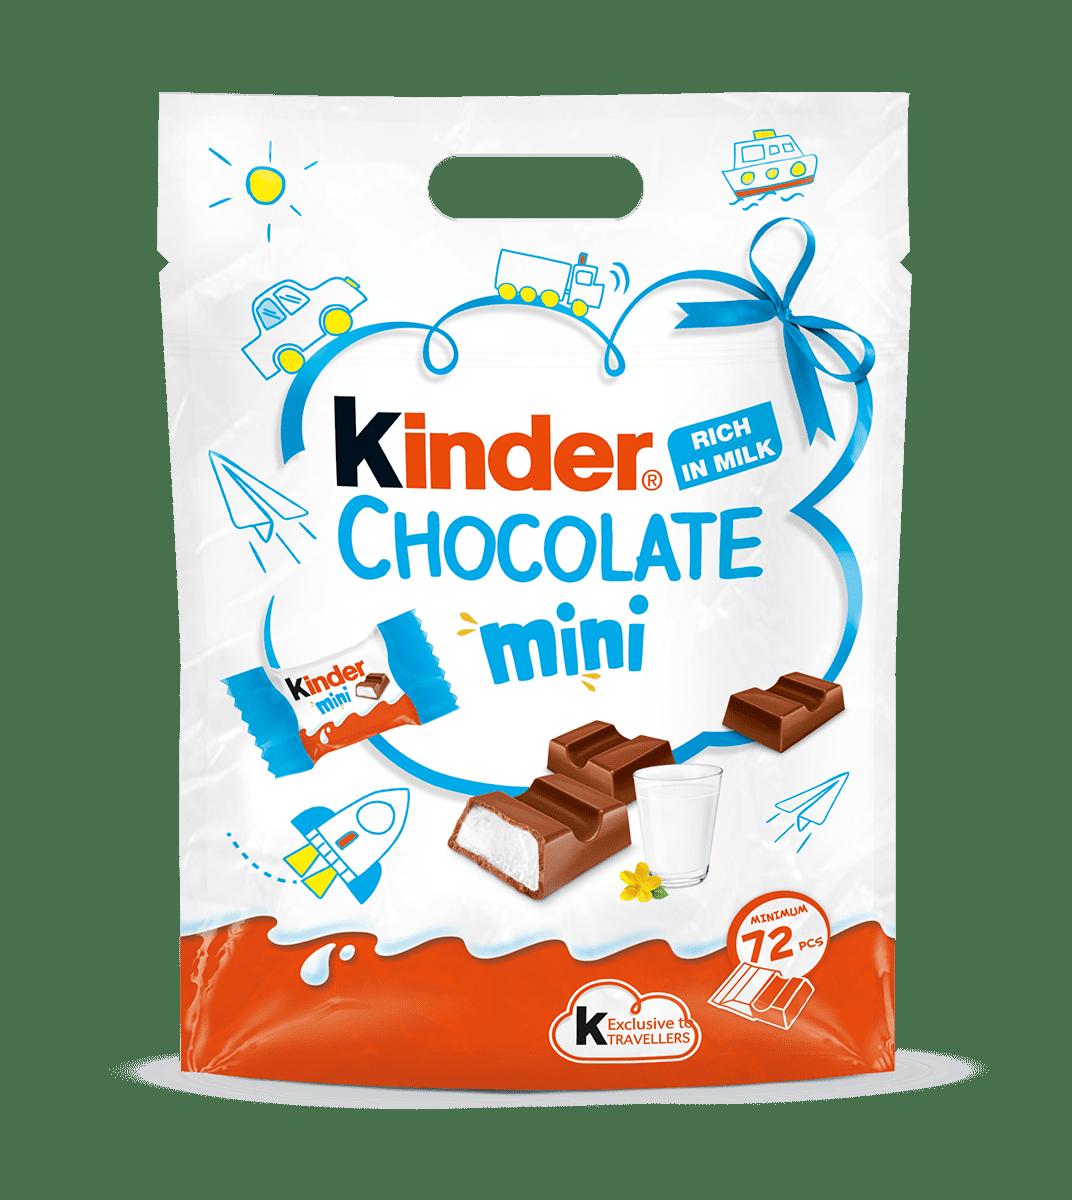 Kinder Mini Chocolate 460g